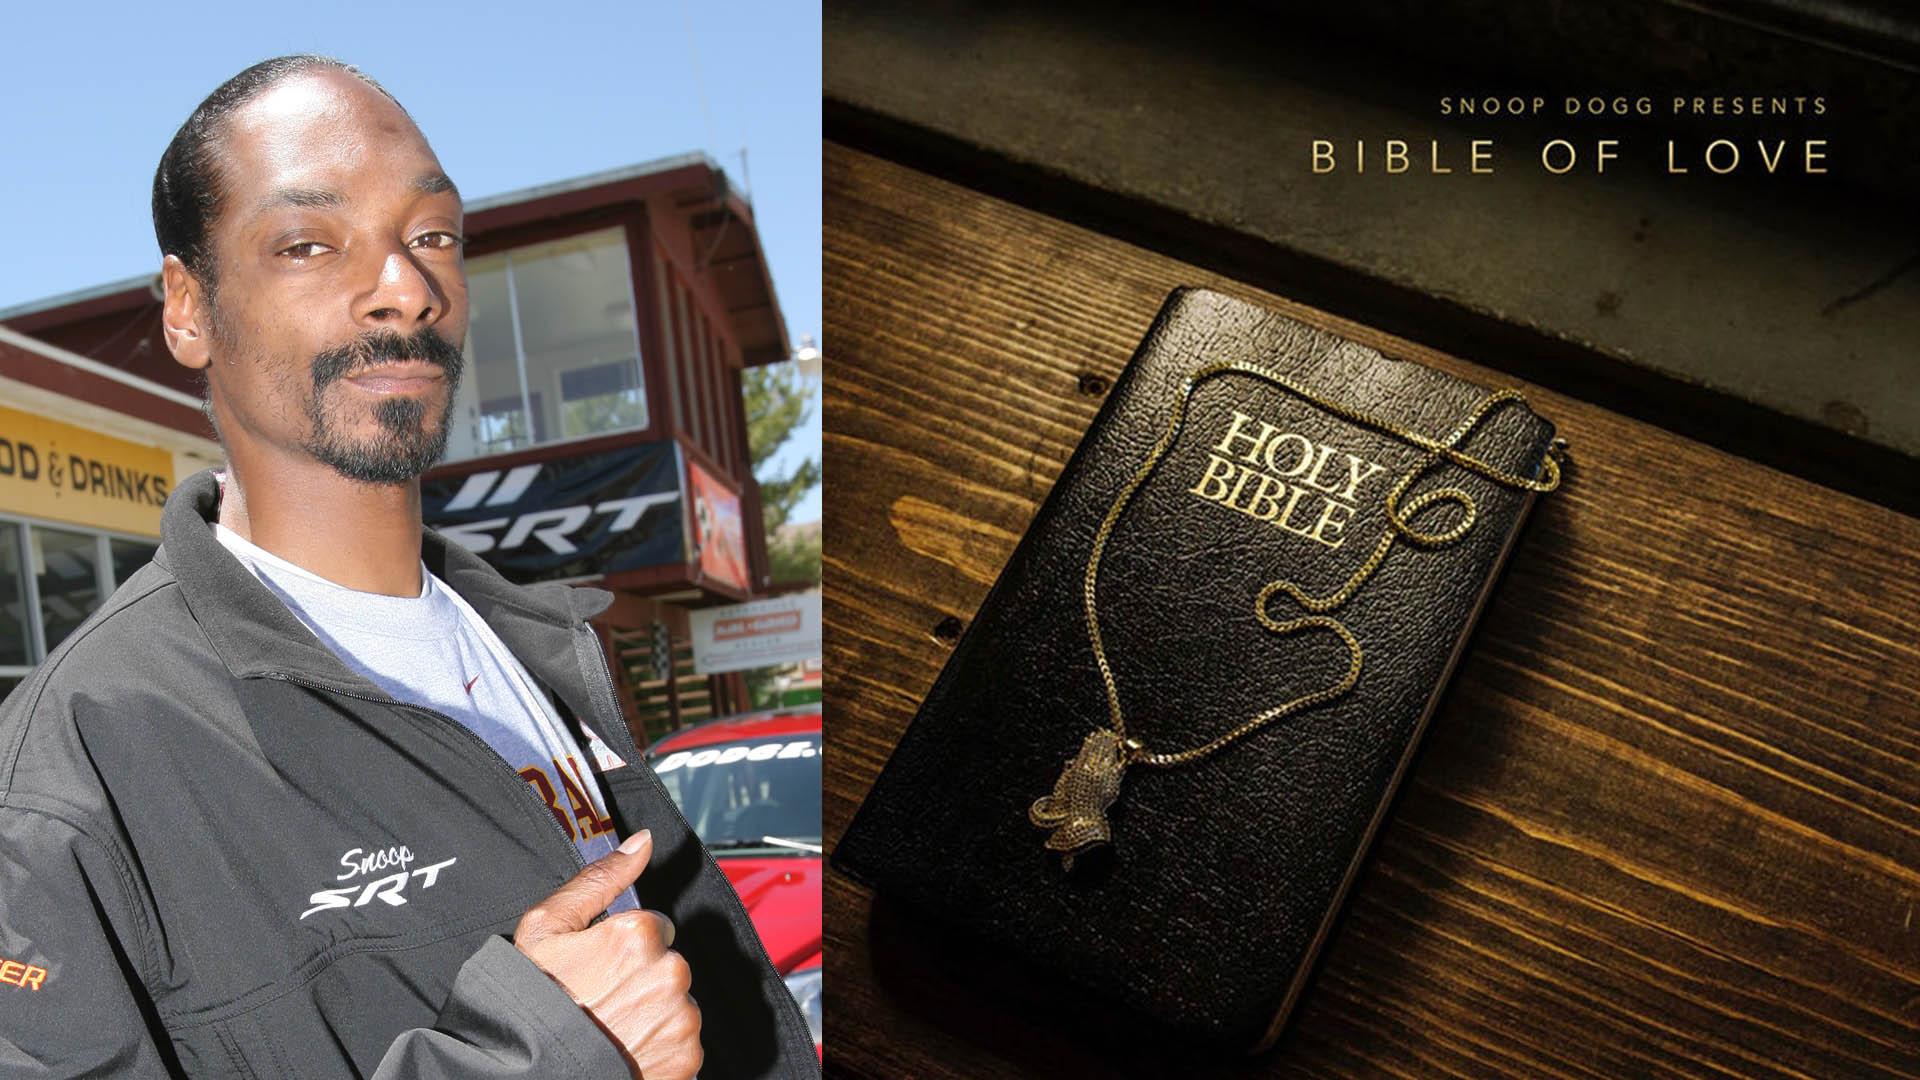 Für gewöhnlich bringt der Rapper Snoop Dogg keine christliche Musik heraus